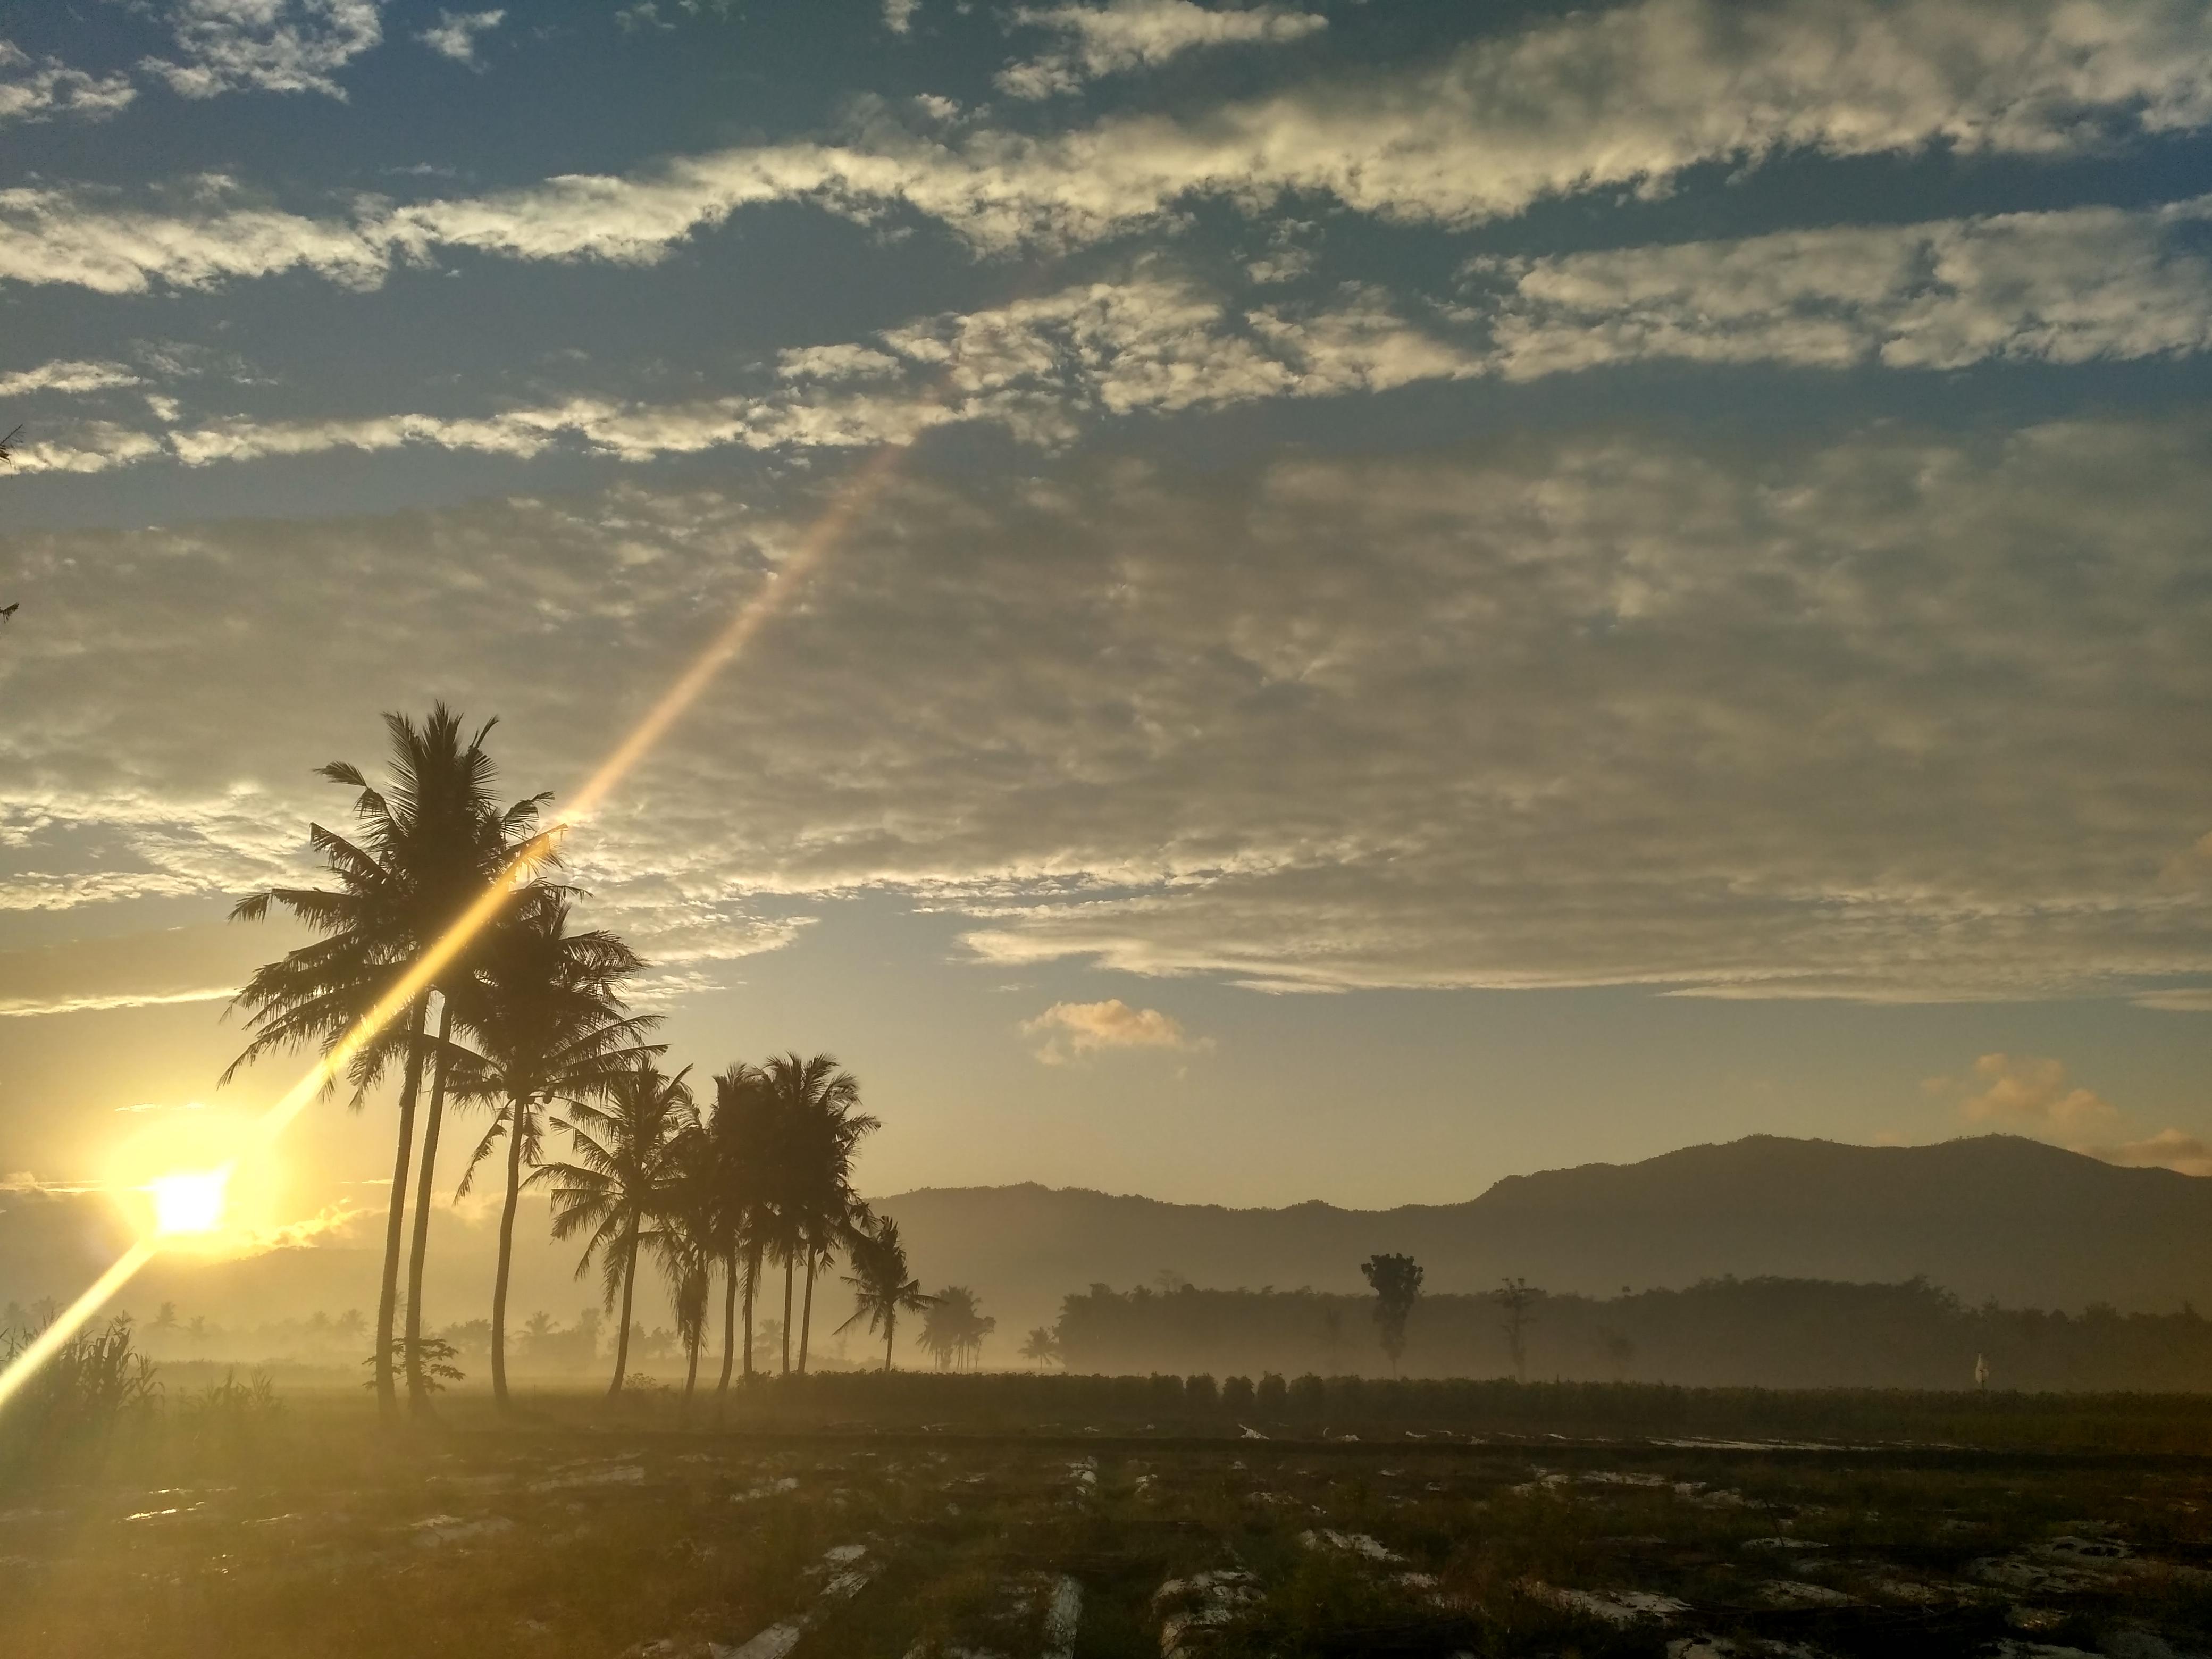 Kostenlose Foto Morgen Sonne Berg Nebel Himmel Sonnenaufgang